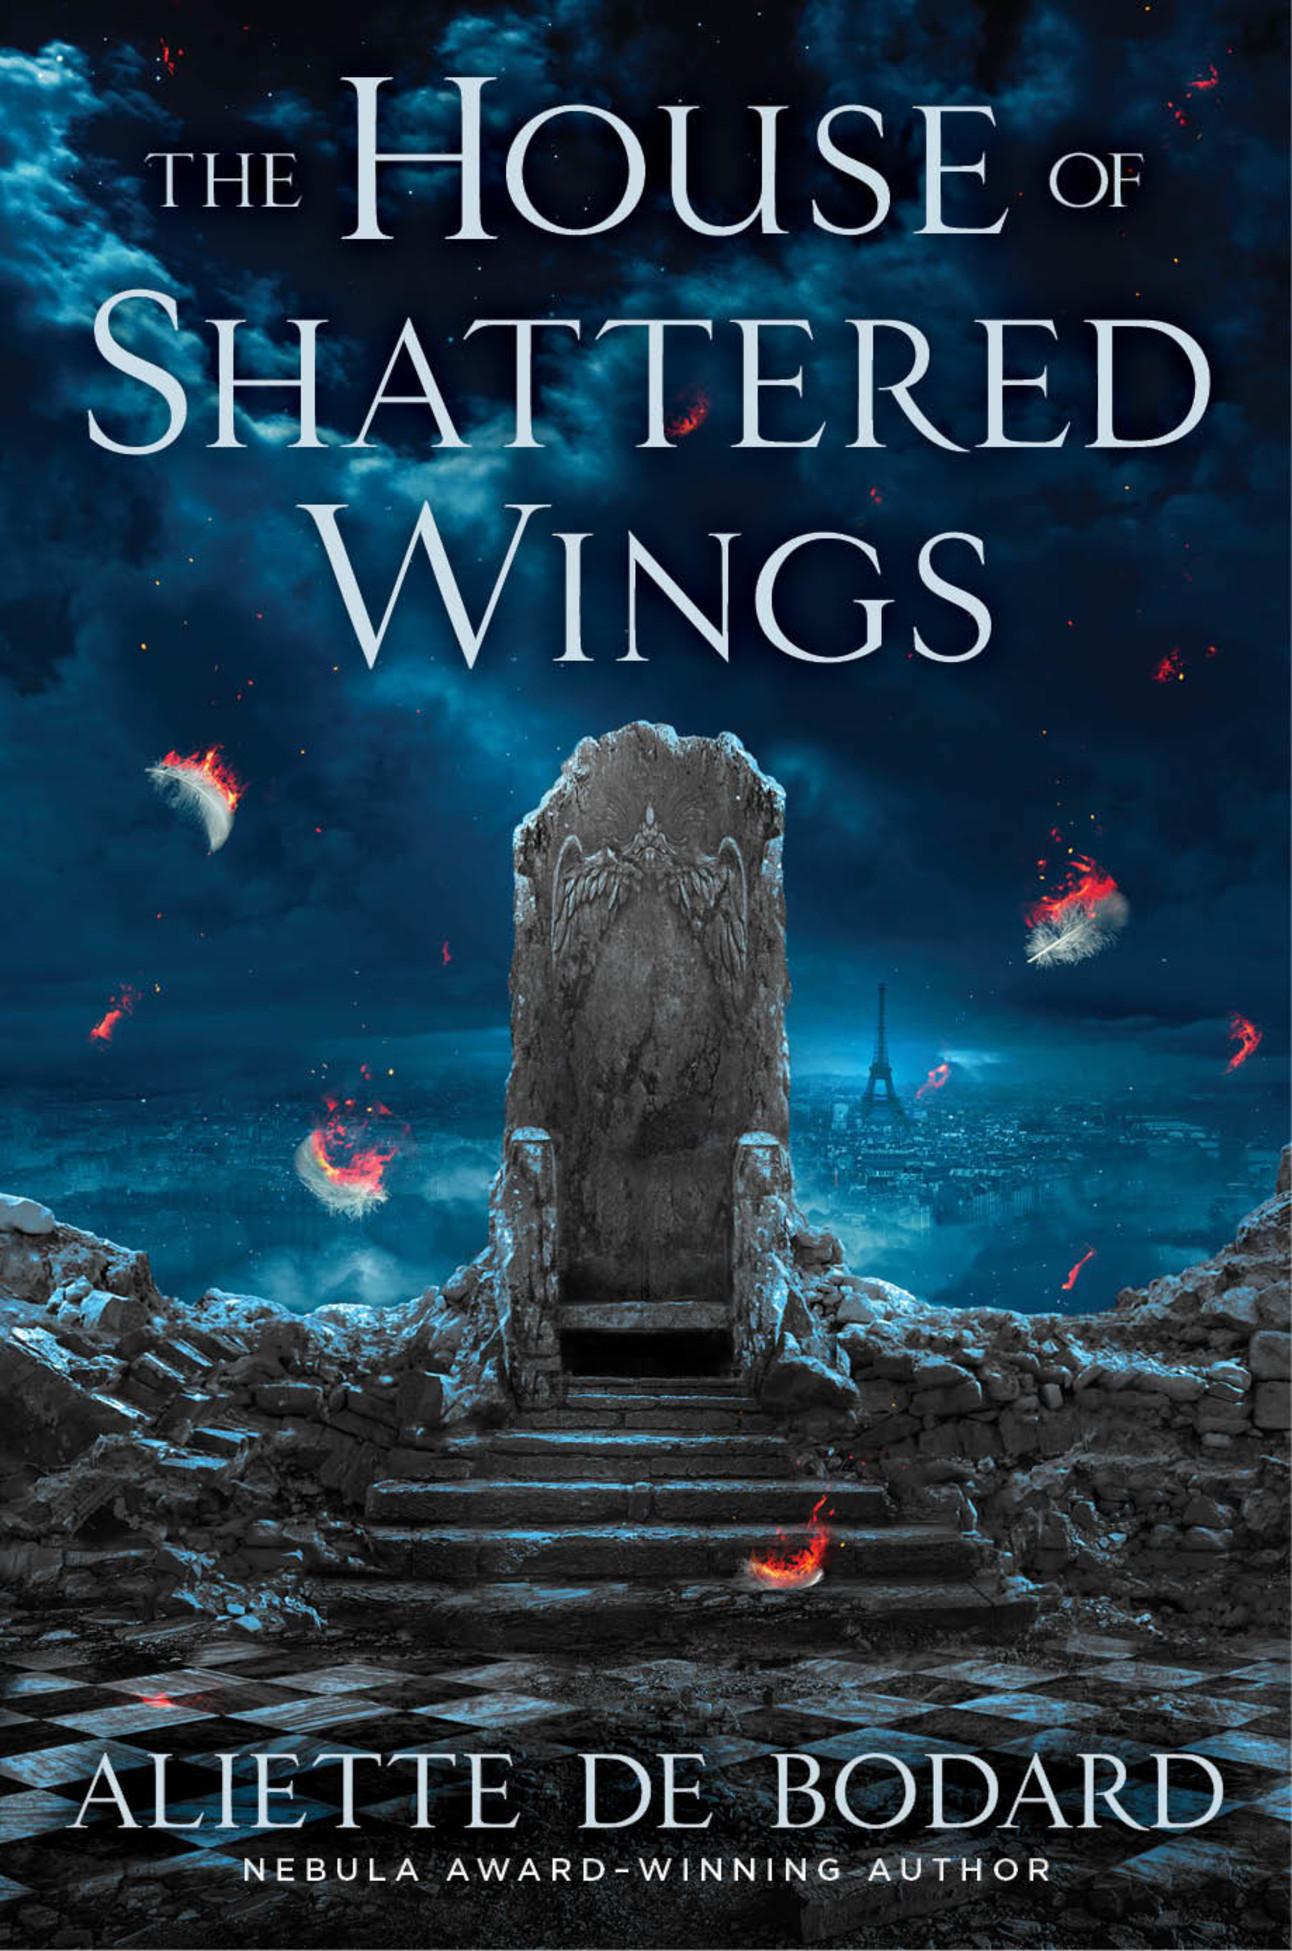 house of shattered wings aliette de bodard